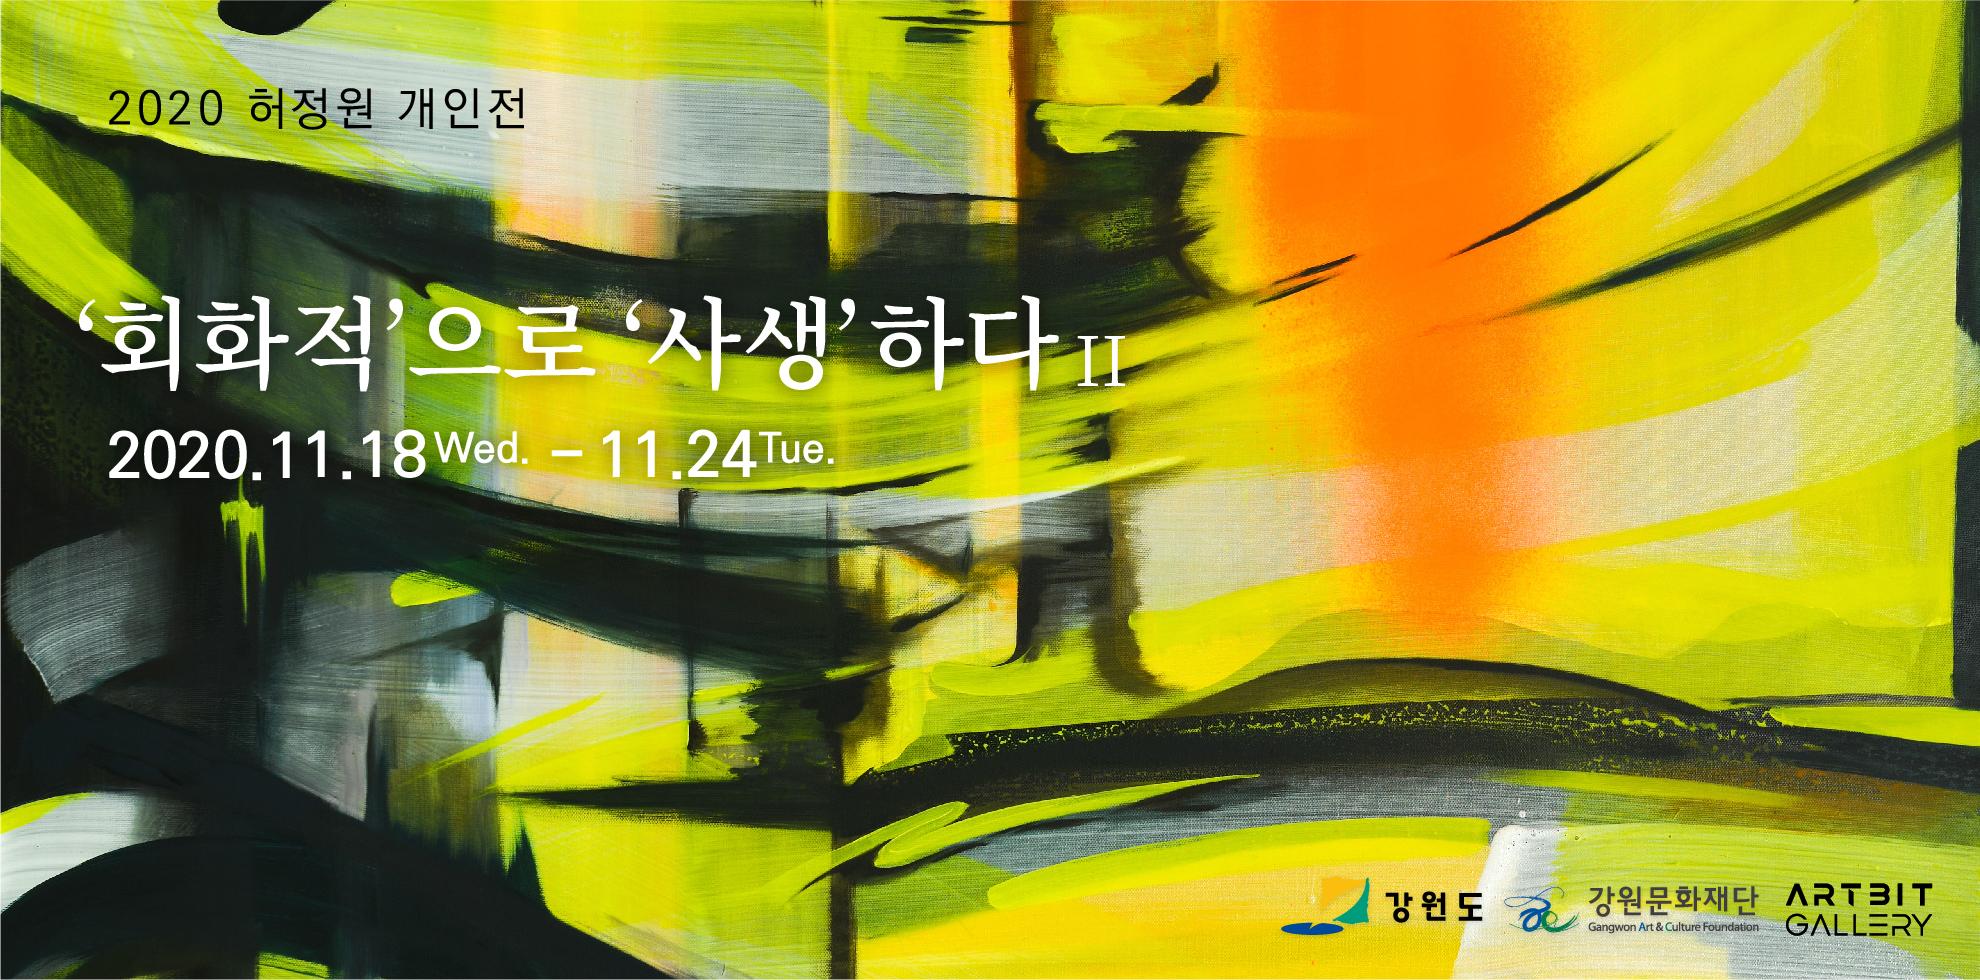 web_banner_950x470px_허정원_201030_3.jpg